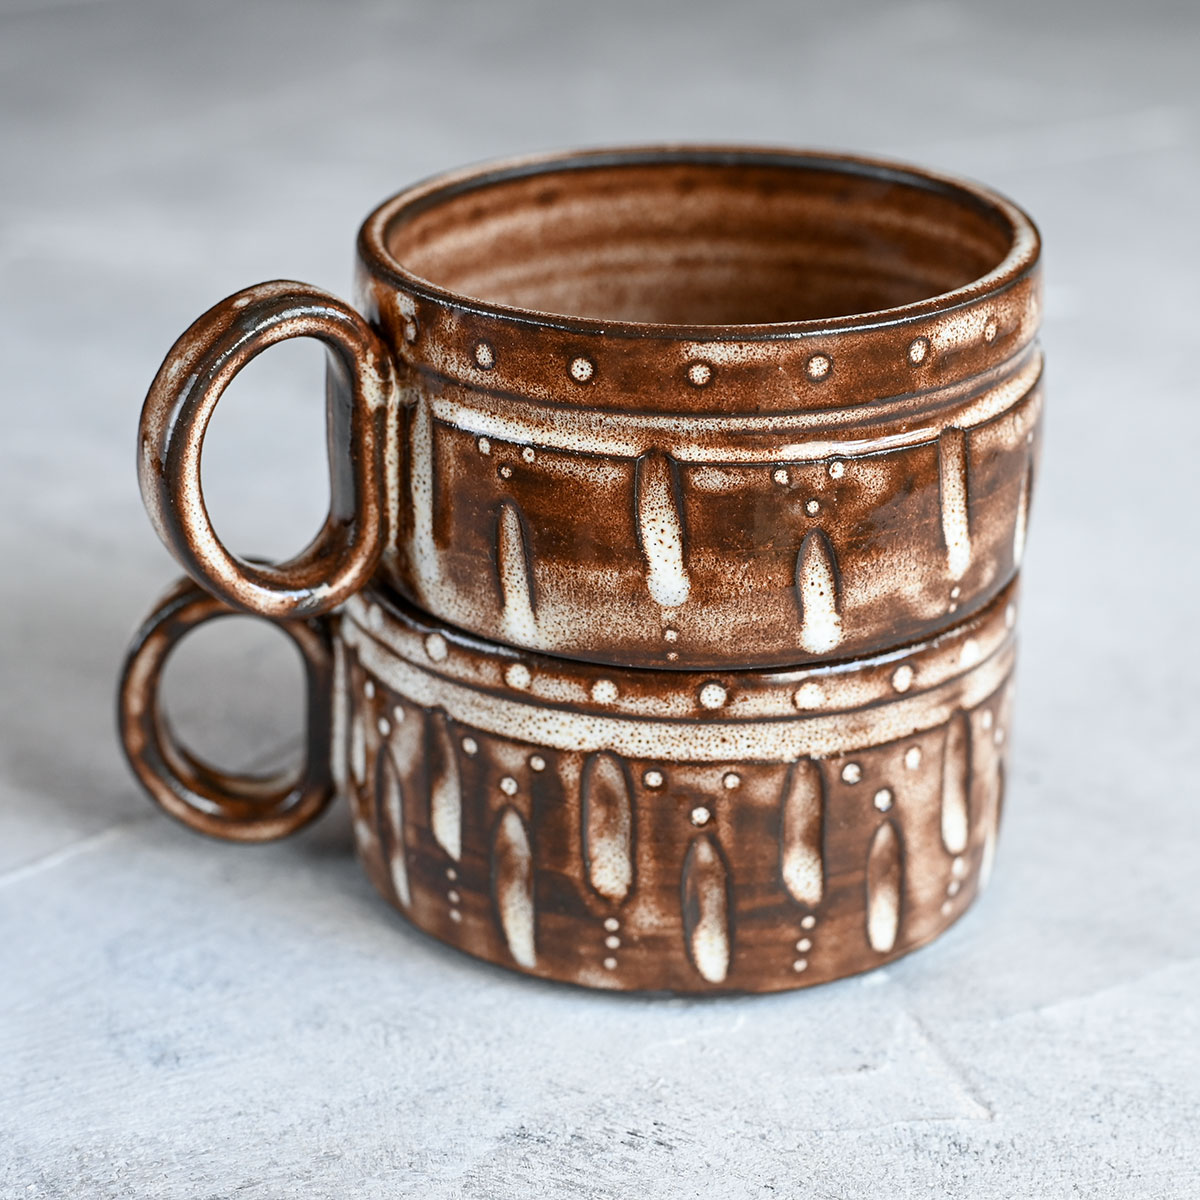 """картинка Пара кофейных чашек из серии """"Горький шоколад"""" 3 - DishWishes.Ru"""